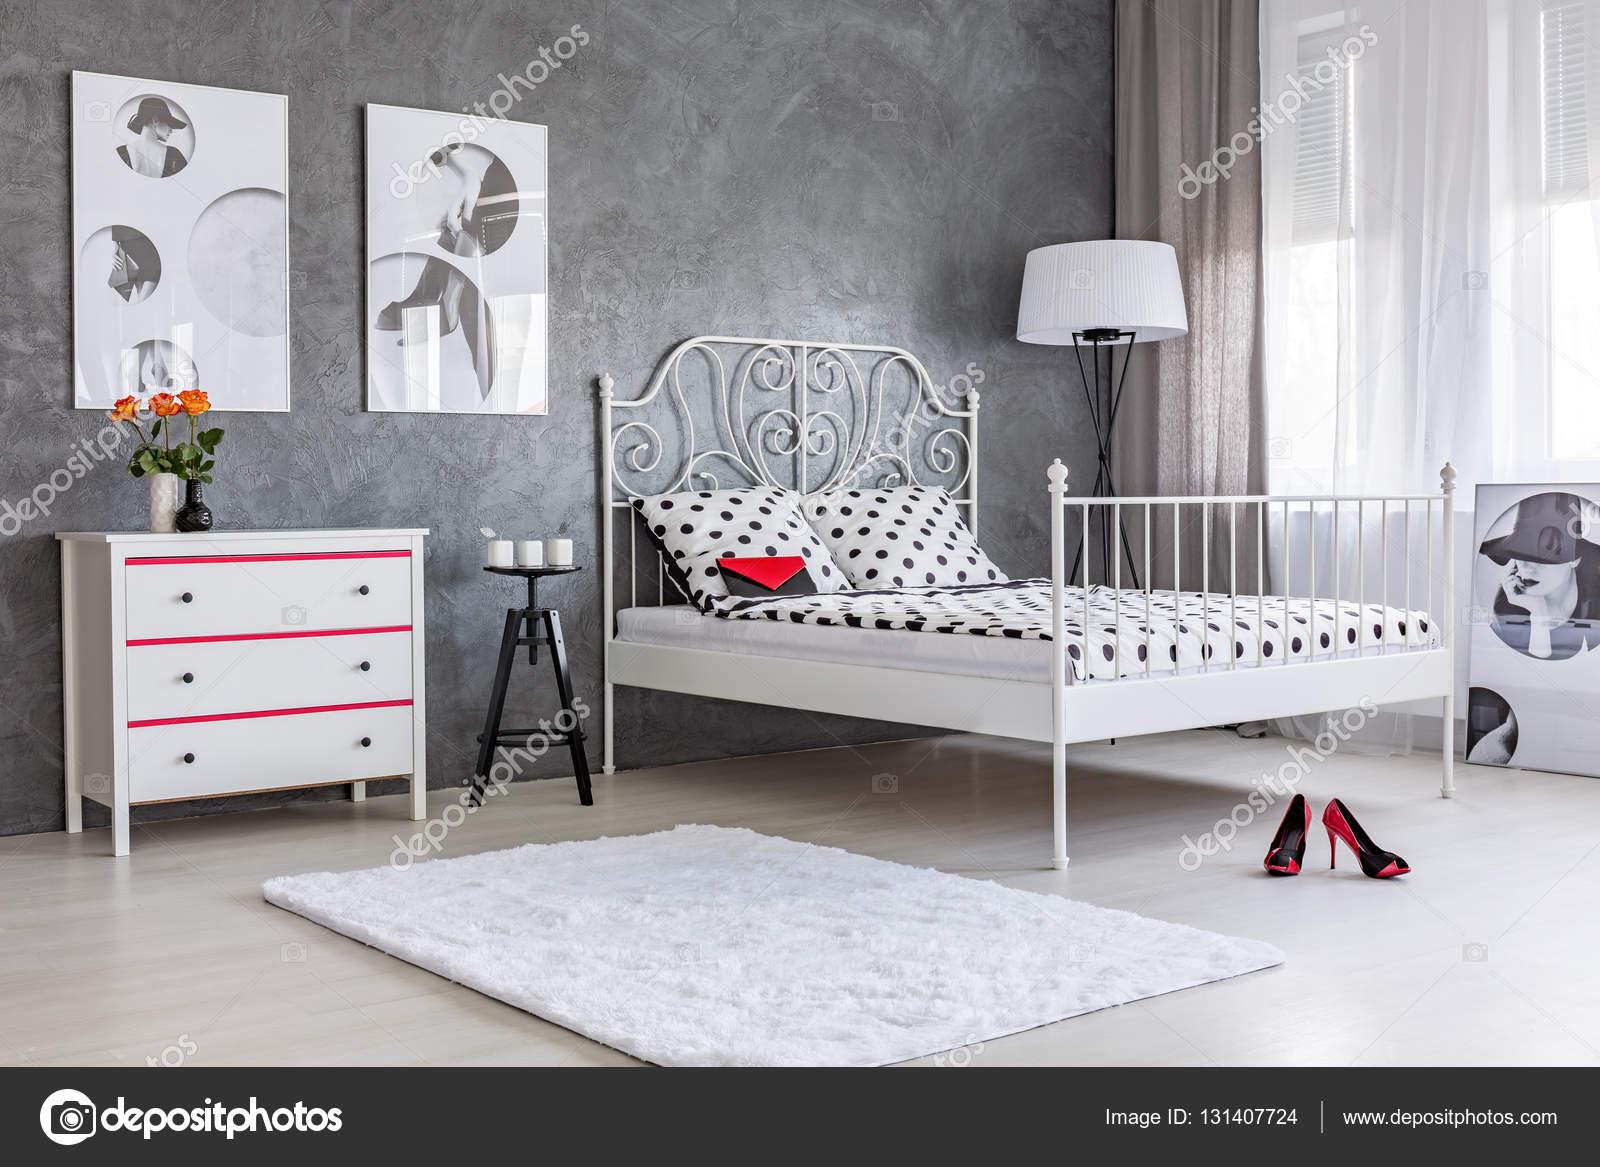 Funktionale Zimmer Mit Stuck Graue Wand, Bett, Kommode Und Teppich U2014 Foto  Von Photographee.eu